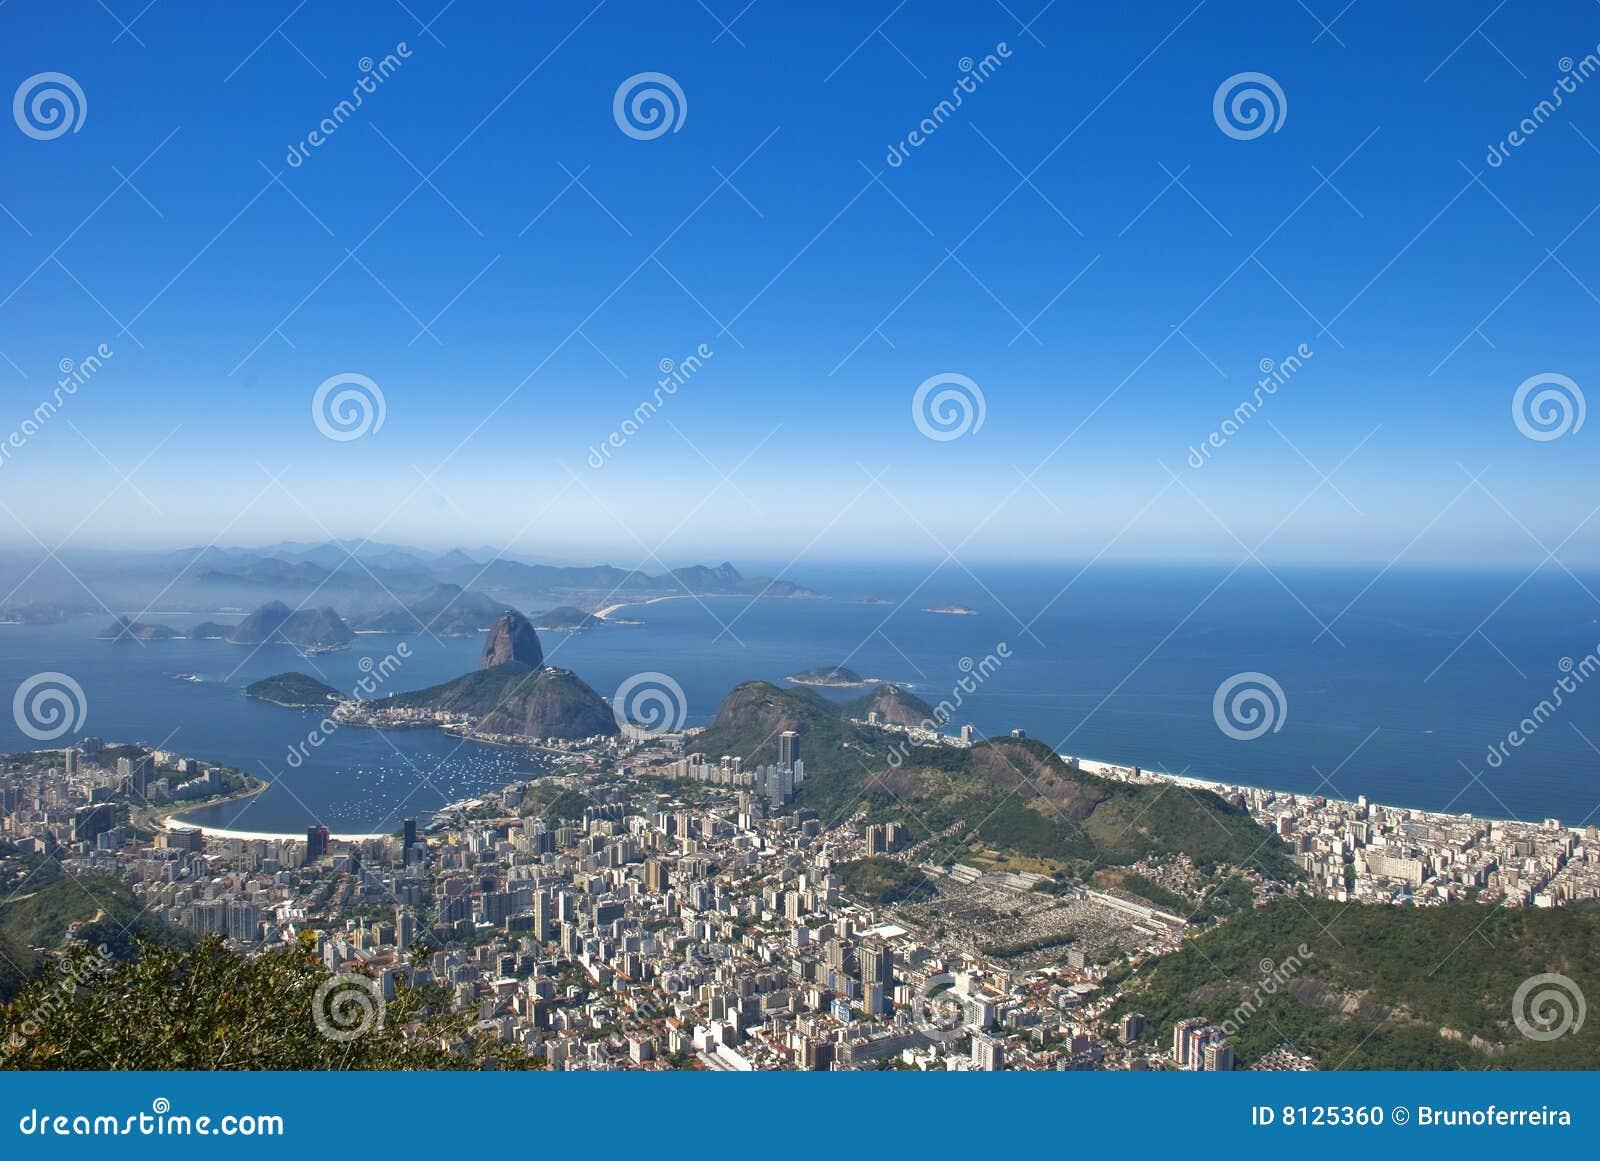 De janeiro Geografia Rio